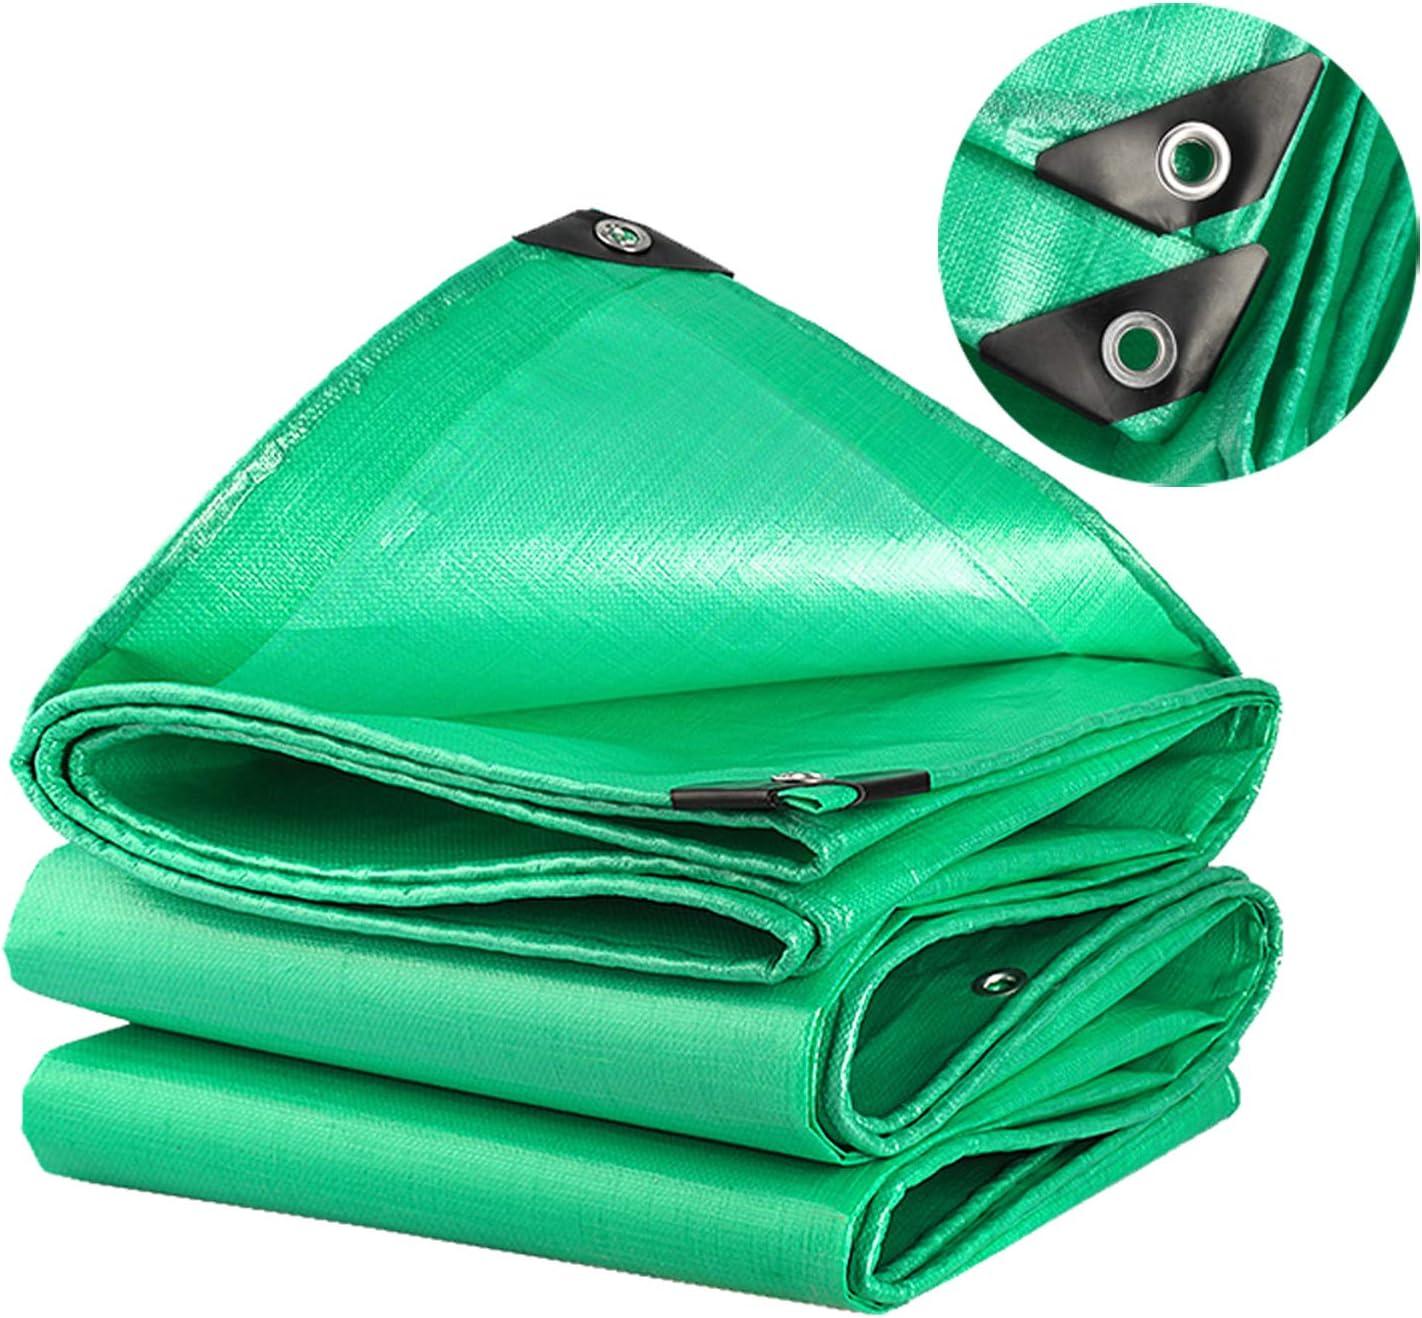 Tela cerata PE Impermeabile foglio di tela cerata Verde Tarp di qualit/à premium per campeggio esterno SOVIYAS Telo di tela cerata resistente 4m x 6m 13ft x19ft 4x 6 m,150g//m/²